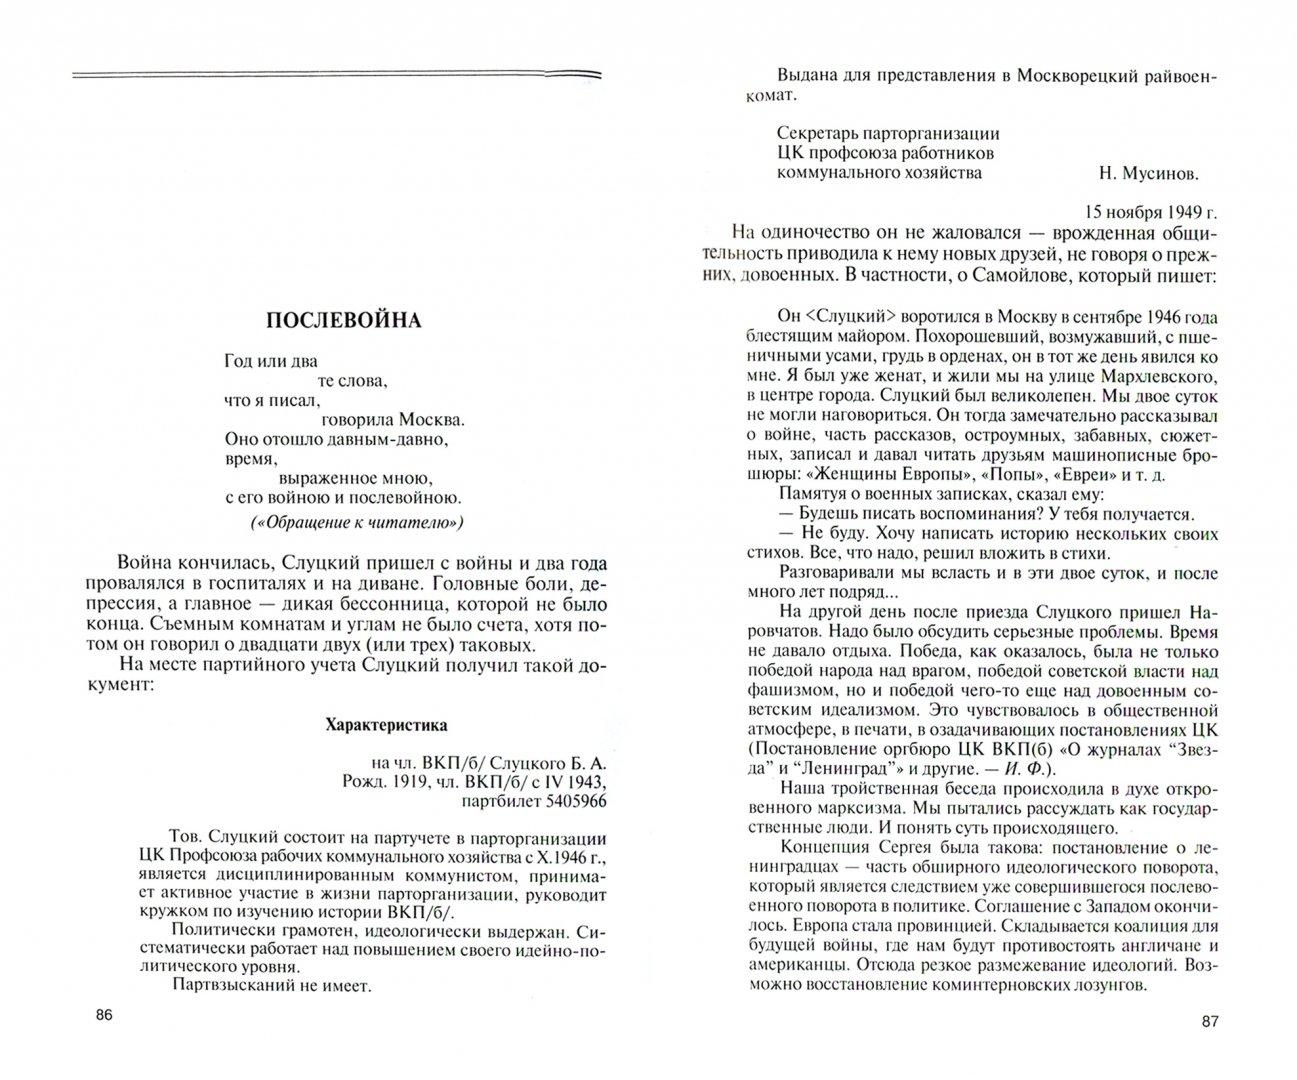 Иллюстрация 1 из 8 для Борис Слуцкий. Майор и муза - Илья Фаликов   Лабиринт - книги. Источник: Лабиринт